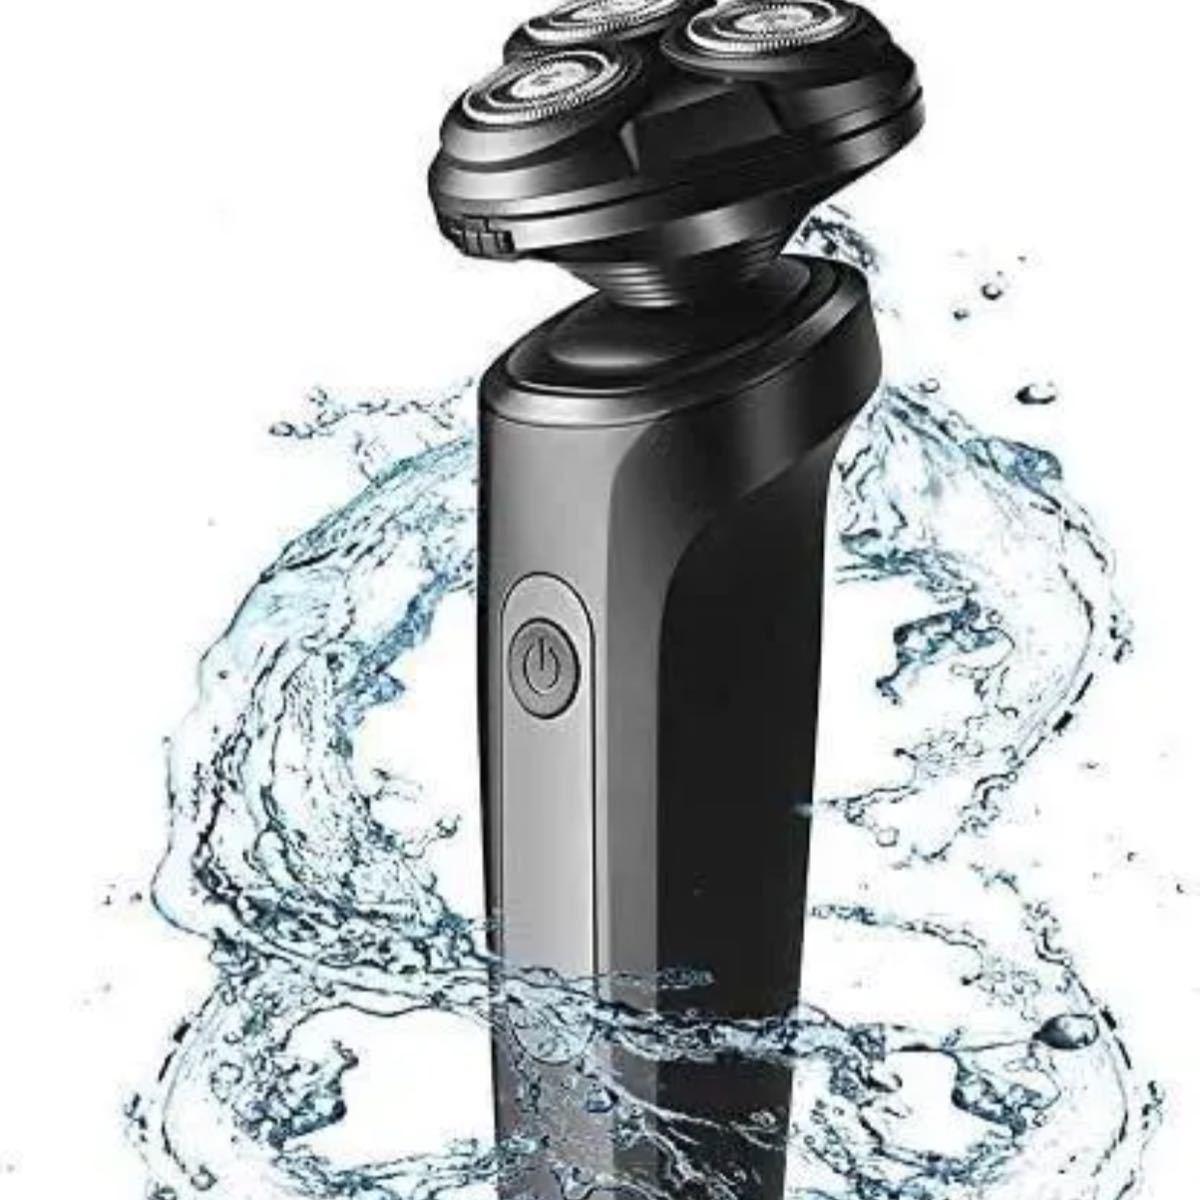 メンズ 電気シェーバー電気カミソリ ひげそり メンズ 回転式3枚刃